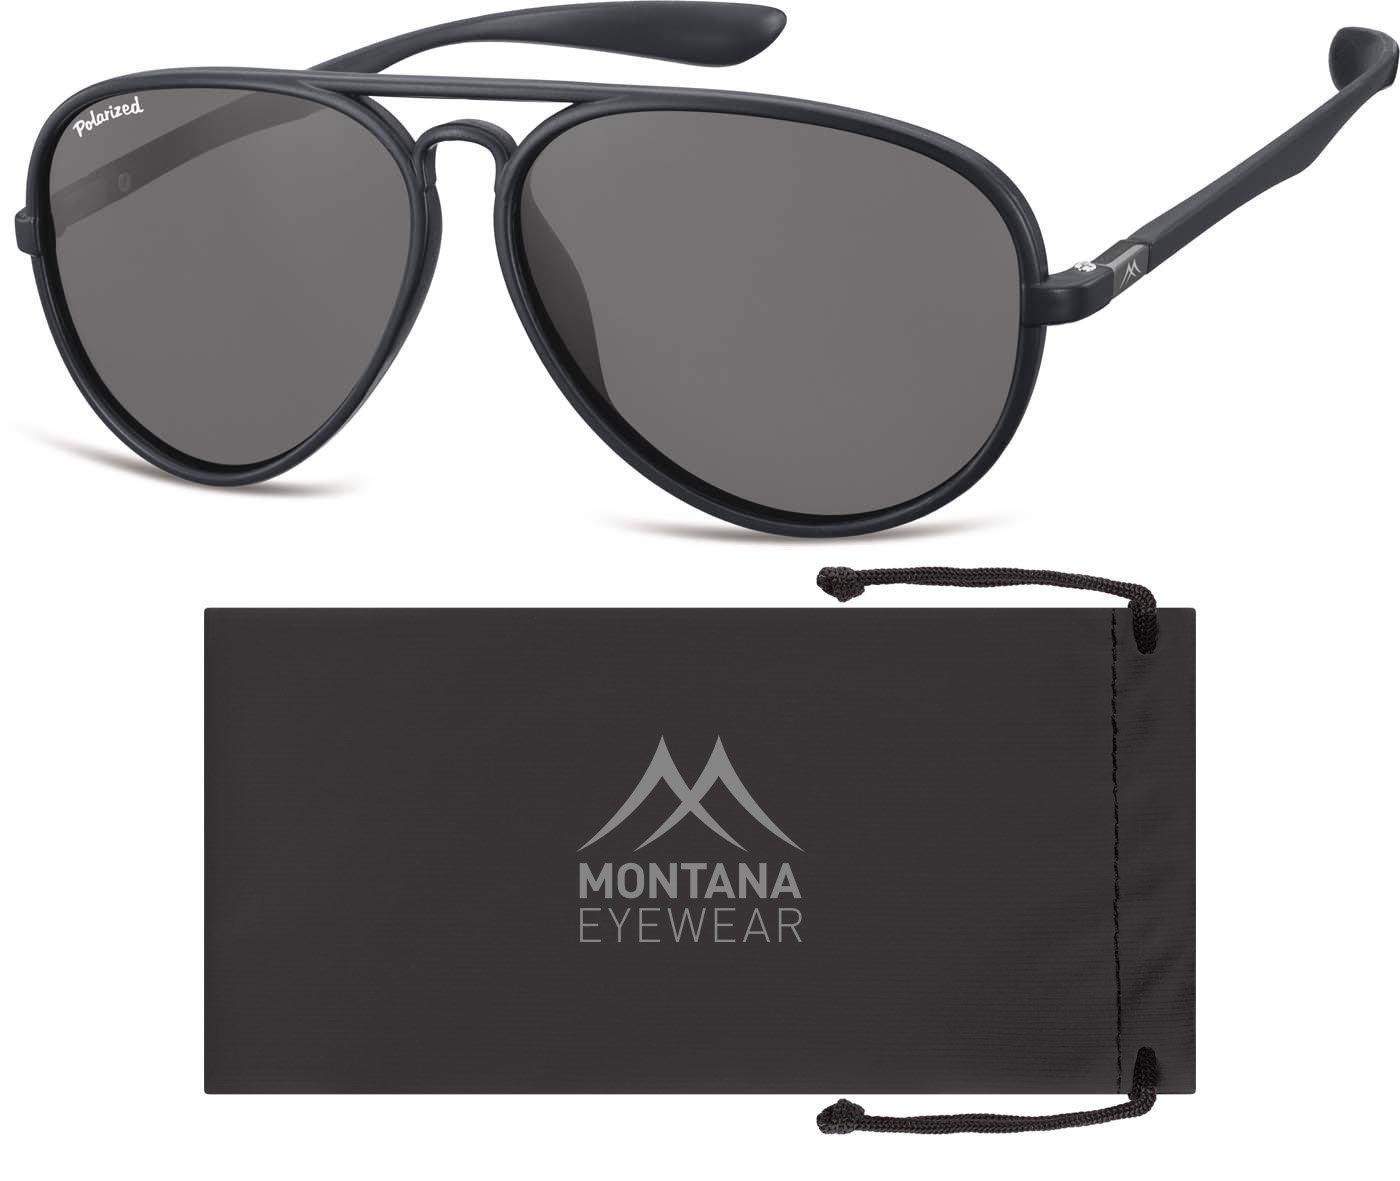 Montana MP29, Occhiali da Sole Unisex-Adulto, Multicoloured (Black/Smoked Lenses), Taglia unica